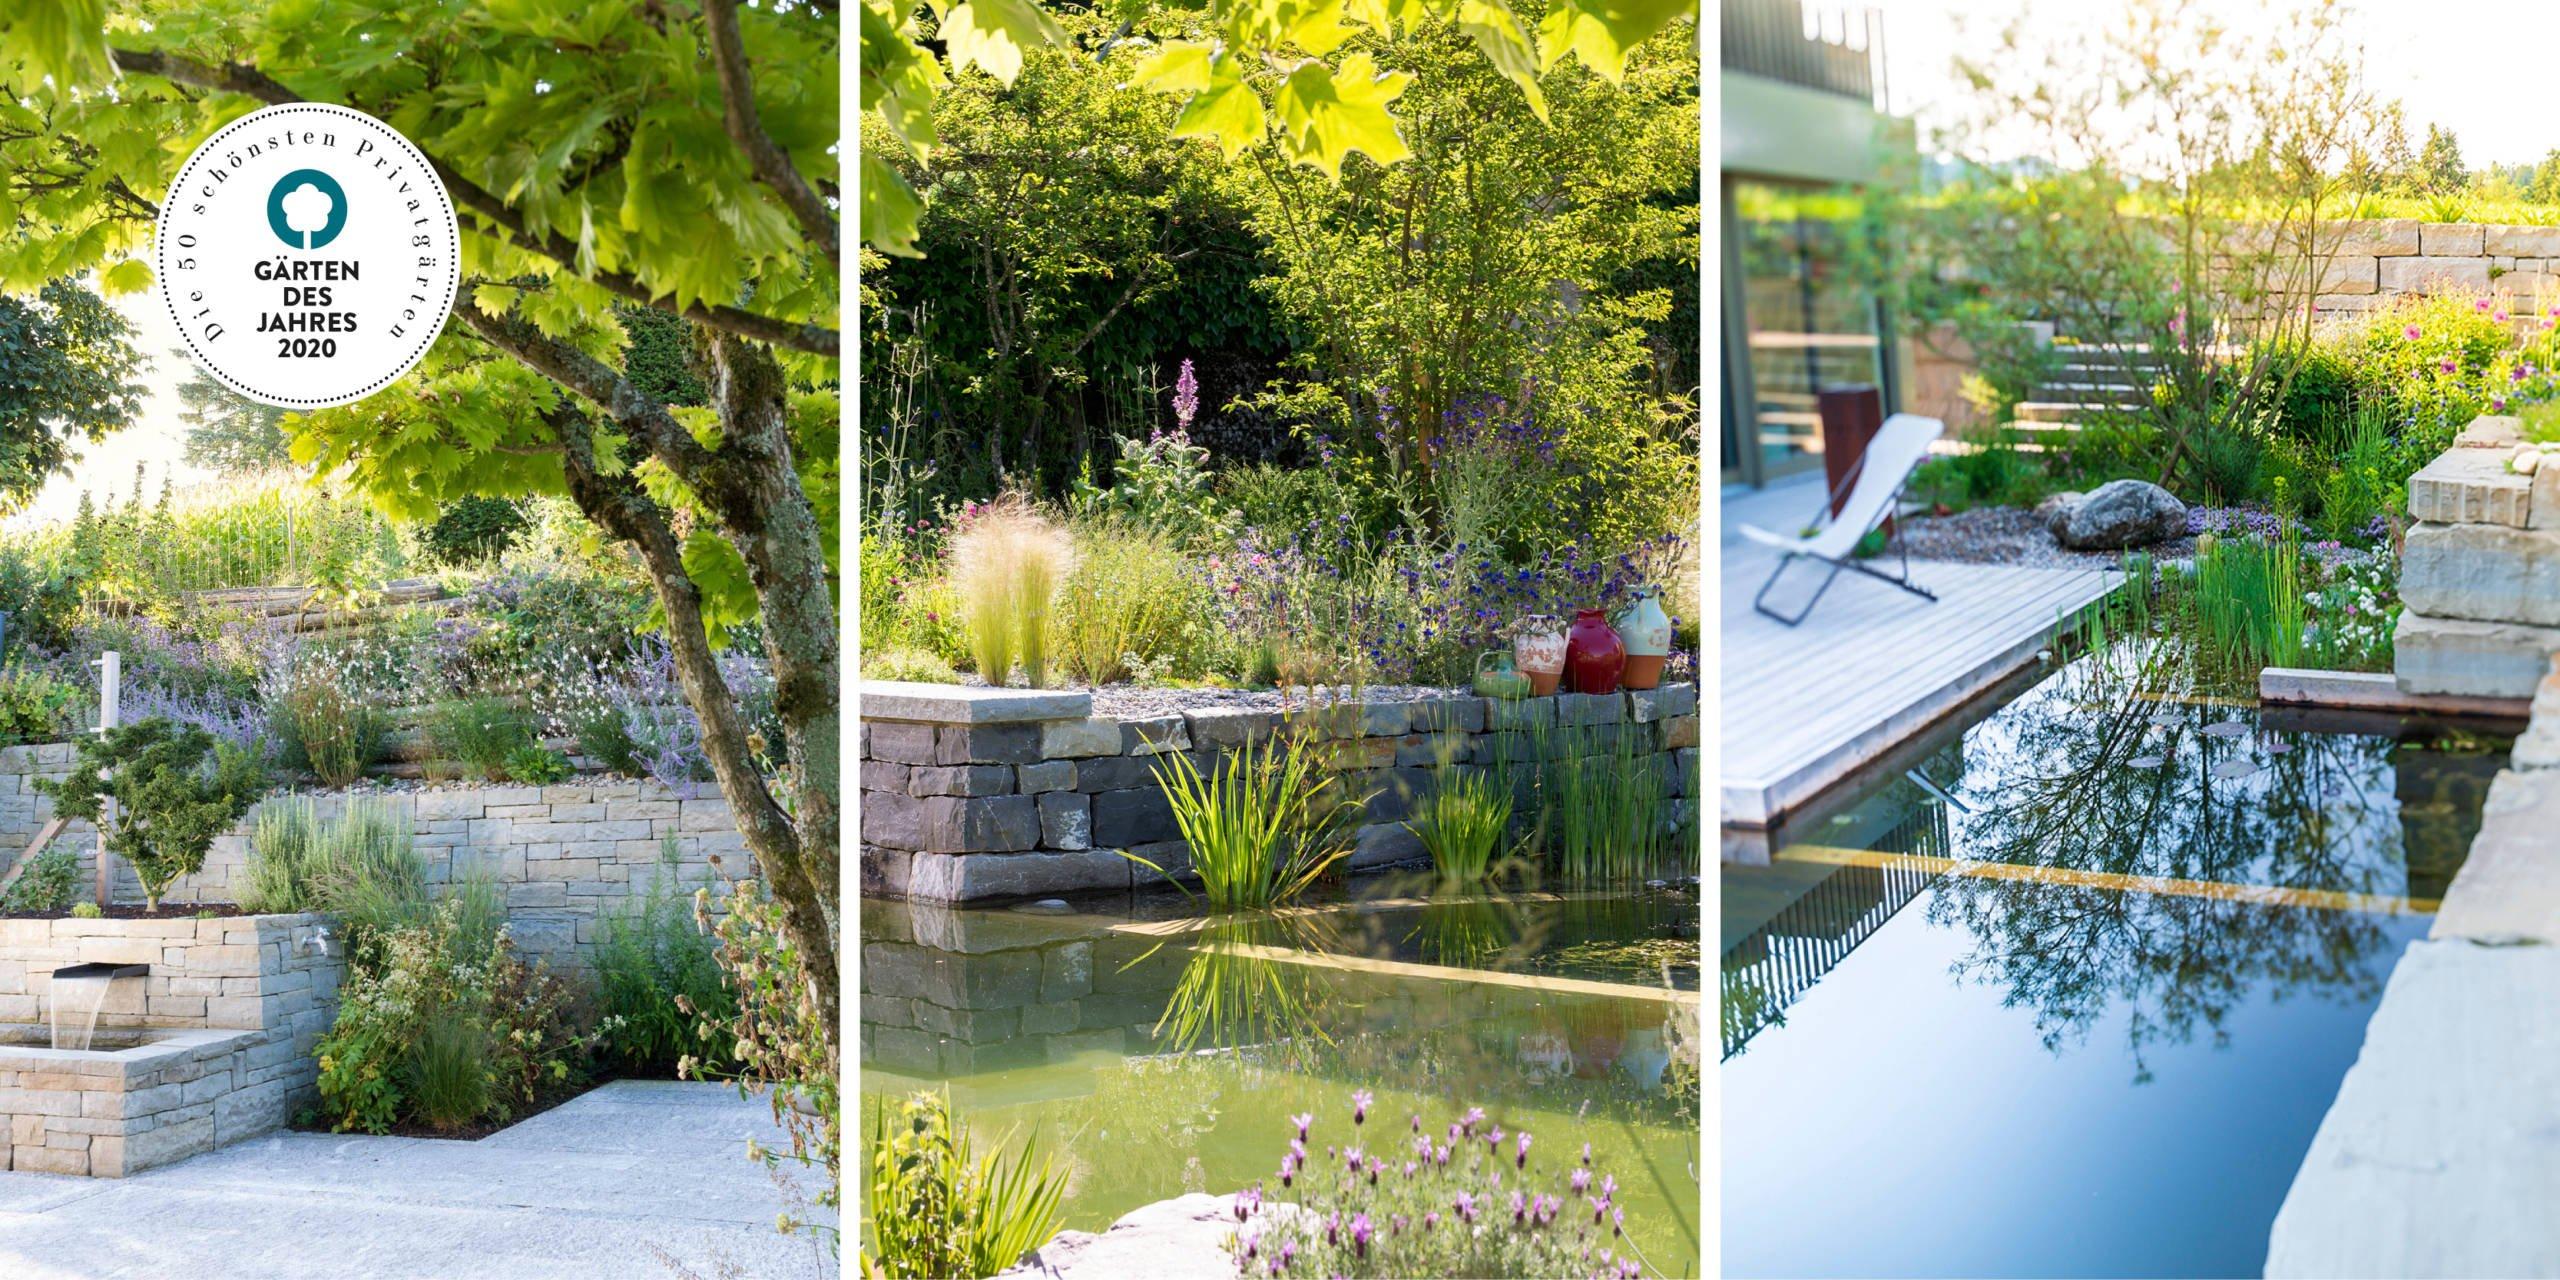 Unsere preisgekrönten Gärten